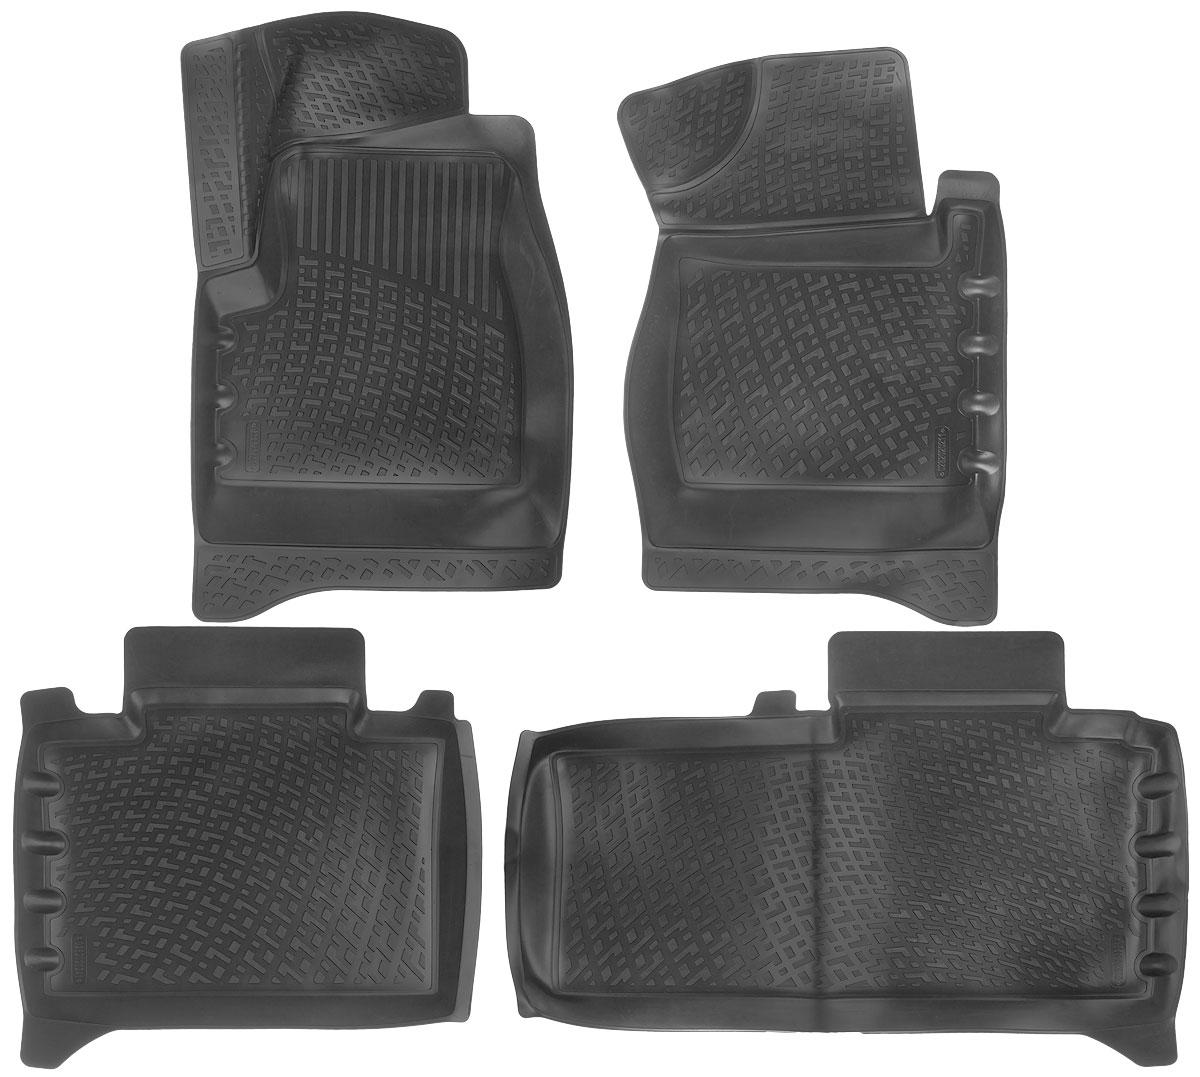 Набор автомобильных ковриков L.Locker УАЗ Patriot (1) 2012, в салон, 4 шткн14,4сНабор L.Locker УАЗ Patriot (1) 2012, изготовленный из полиуретана, состоит из 4 антискользящих 3D ковриков, которые производятся индивидуально для каждой модели автомобиля. Изделие точно повторяет геометрию пола автомобиля, имеет высокий борт, обладает повышенной износоустойчивостью, лишено резкого запаха и сохраняет свои потребительские свойства в широком диапазоне температур от -50°С до +50°С.Комплектация: 4 шт.Размер ковриков: 82 см х 52 см; 64 см х 57 см; 59 см х 90 см; 76 см х 51 см.